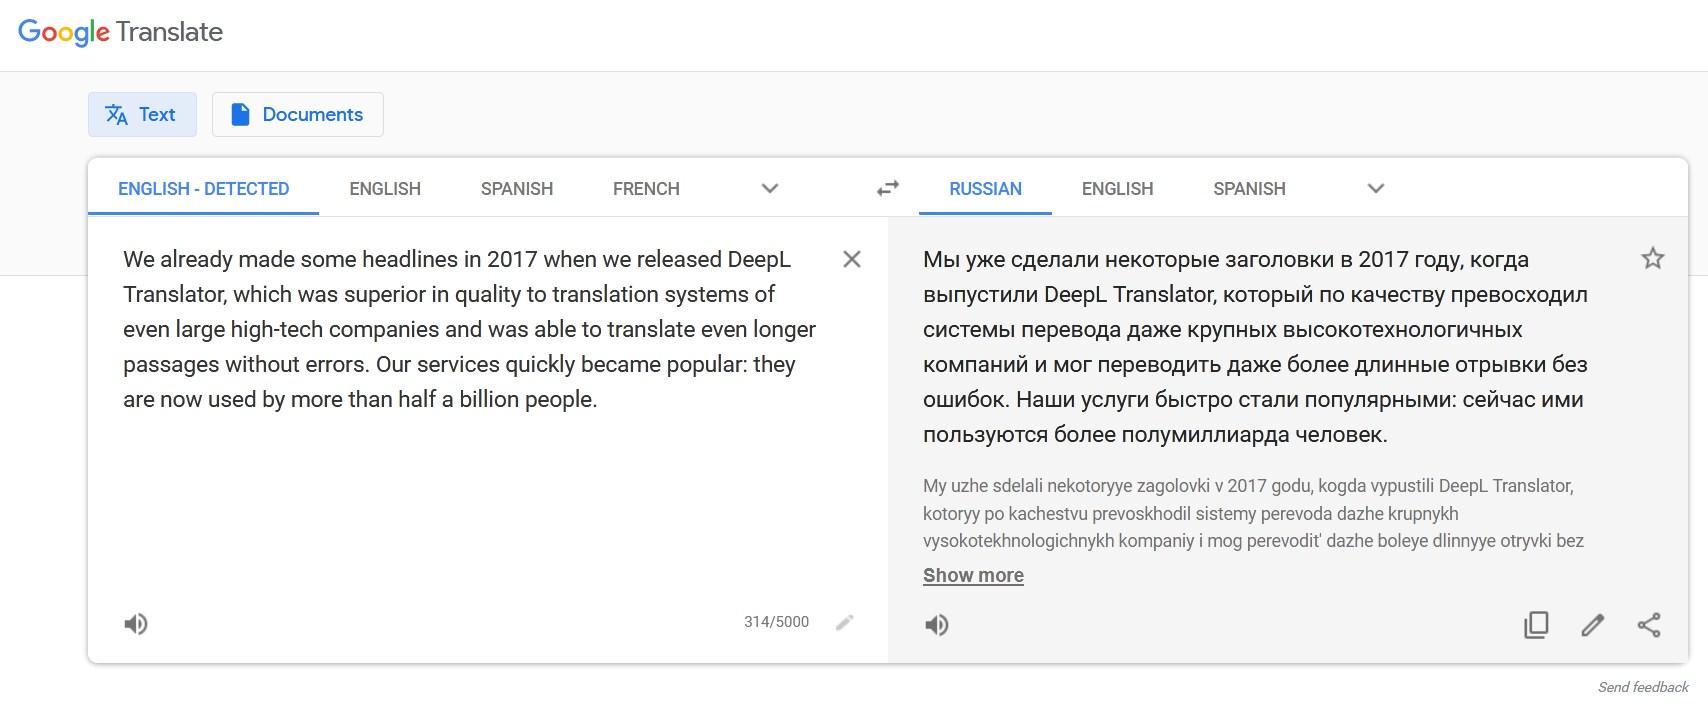 Google Translate Output